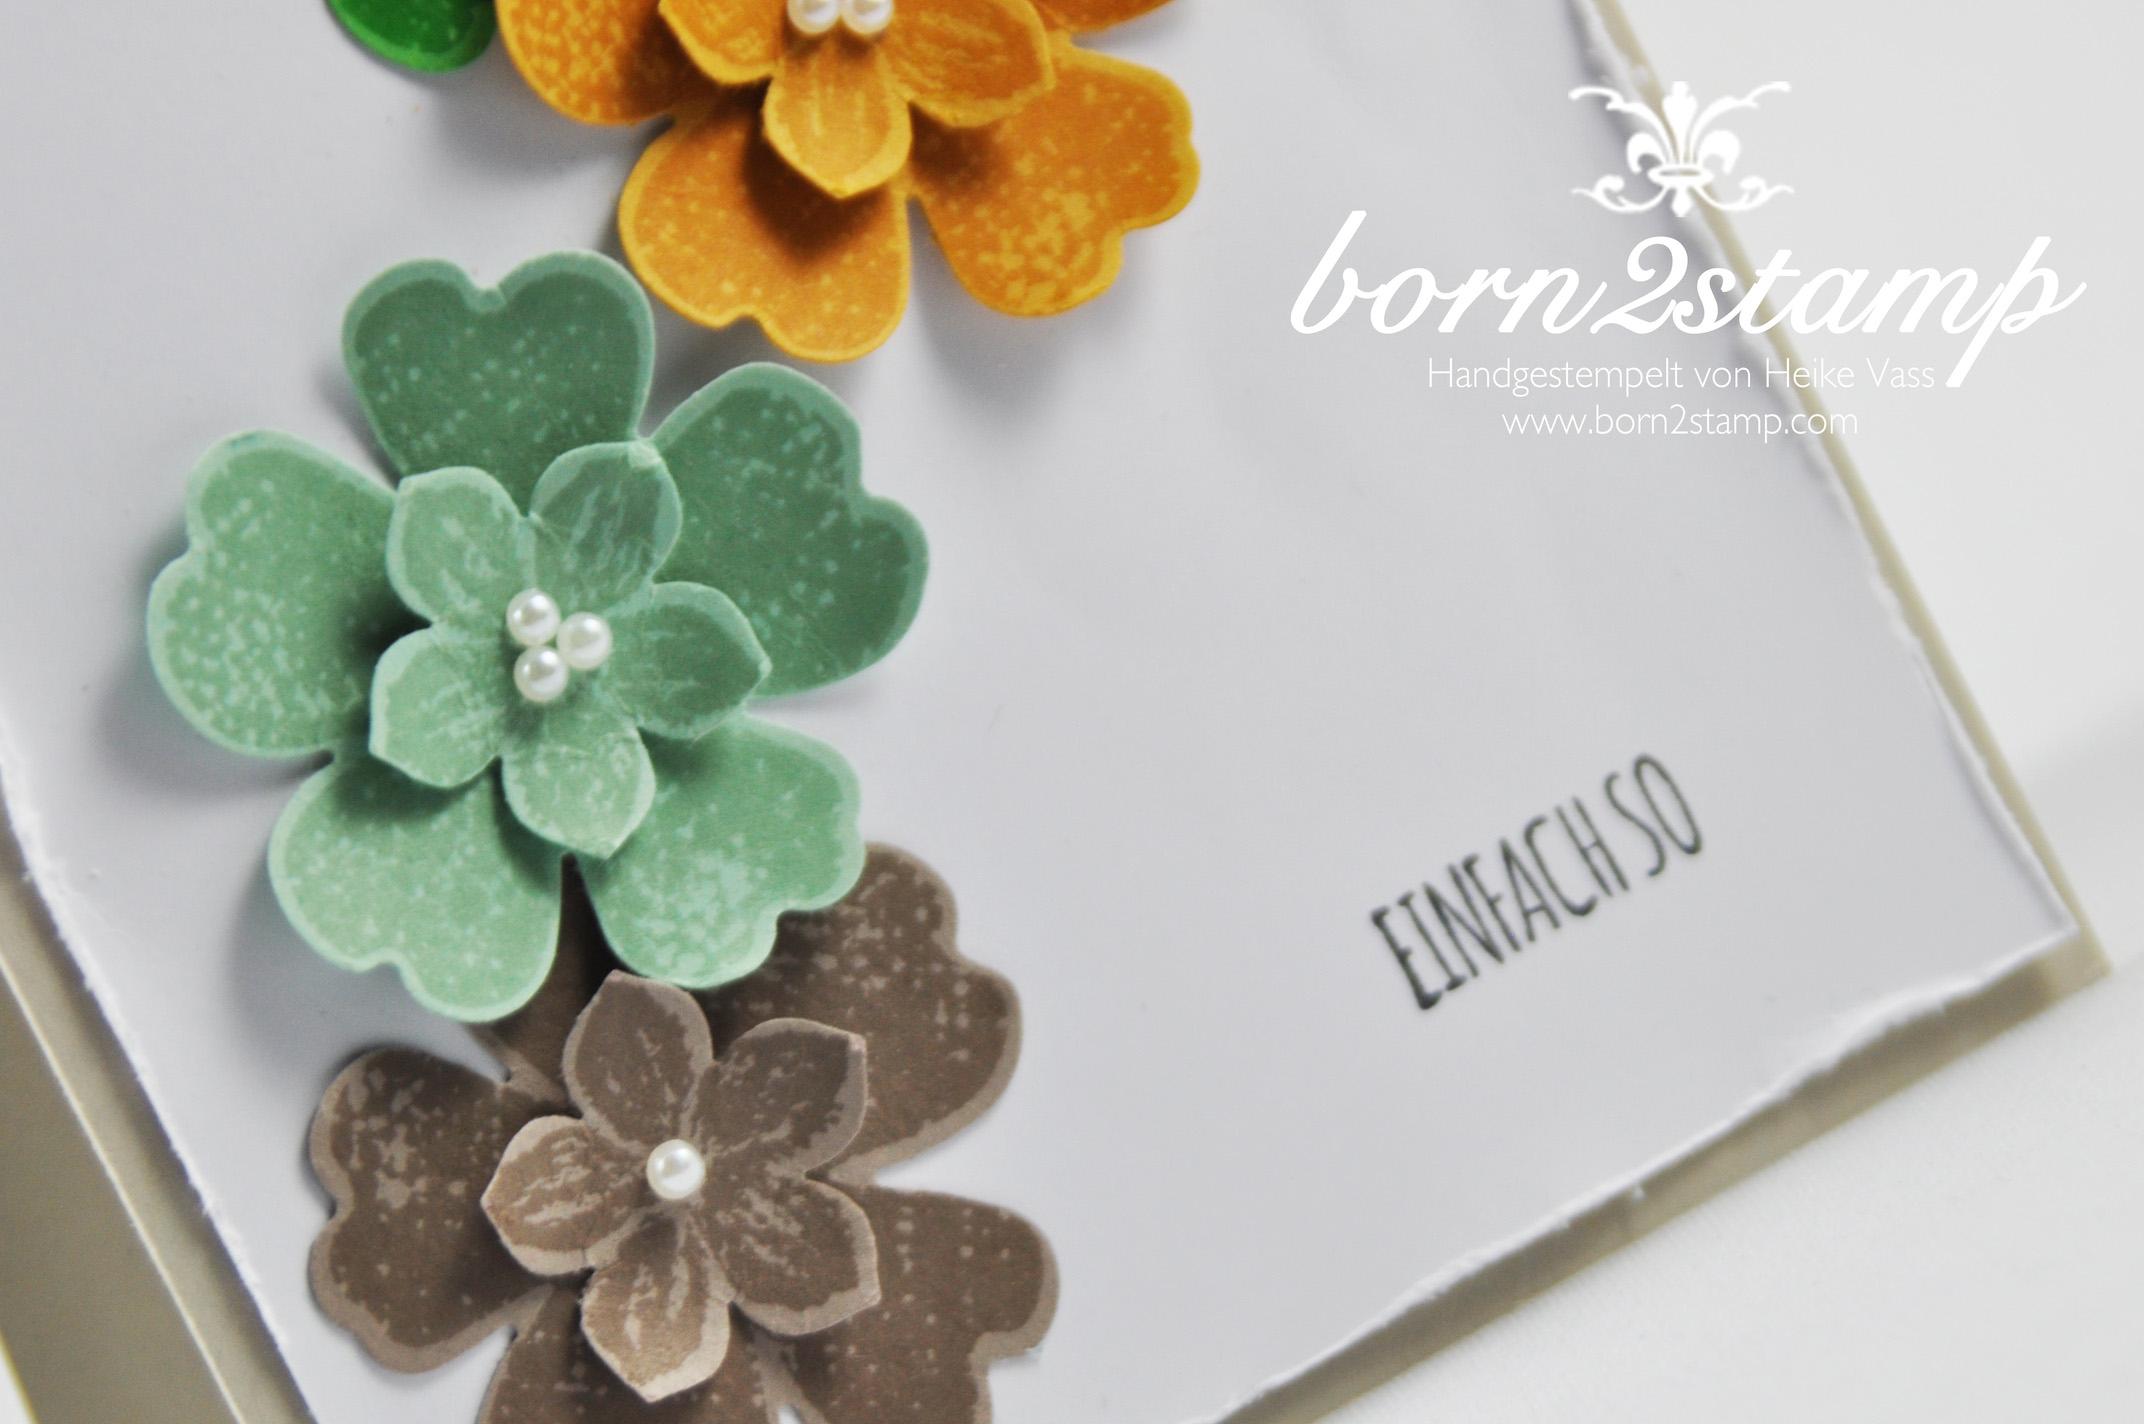 STAMPIN' UP! born2stamp Karte – Petite Petals – Stanze Kleine Bluete – Flower Shop – Stanze Stiefmuetterchen – Mit Liebe geschenkt